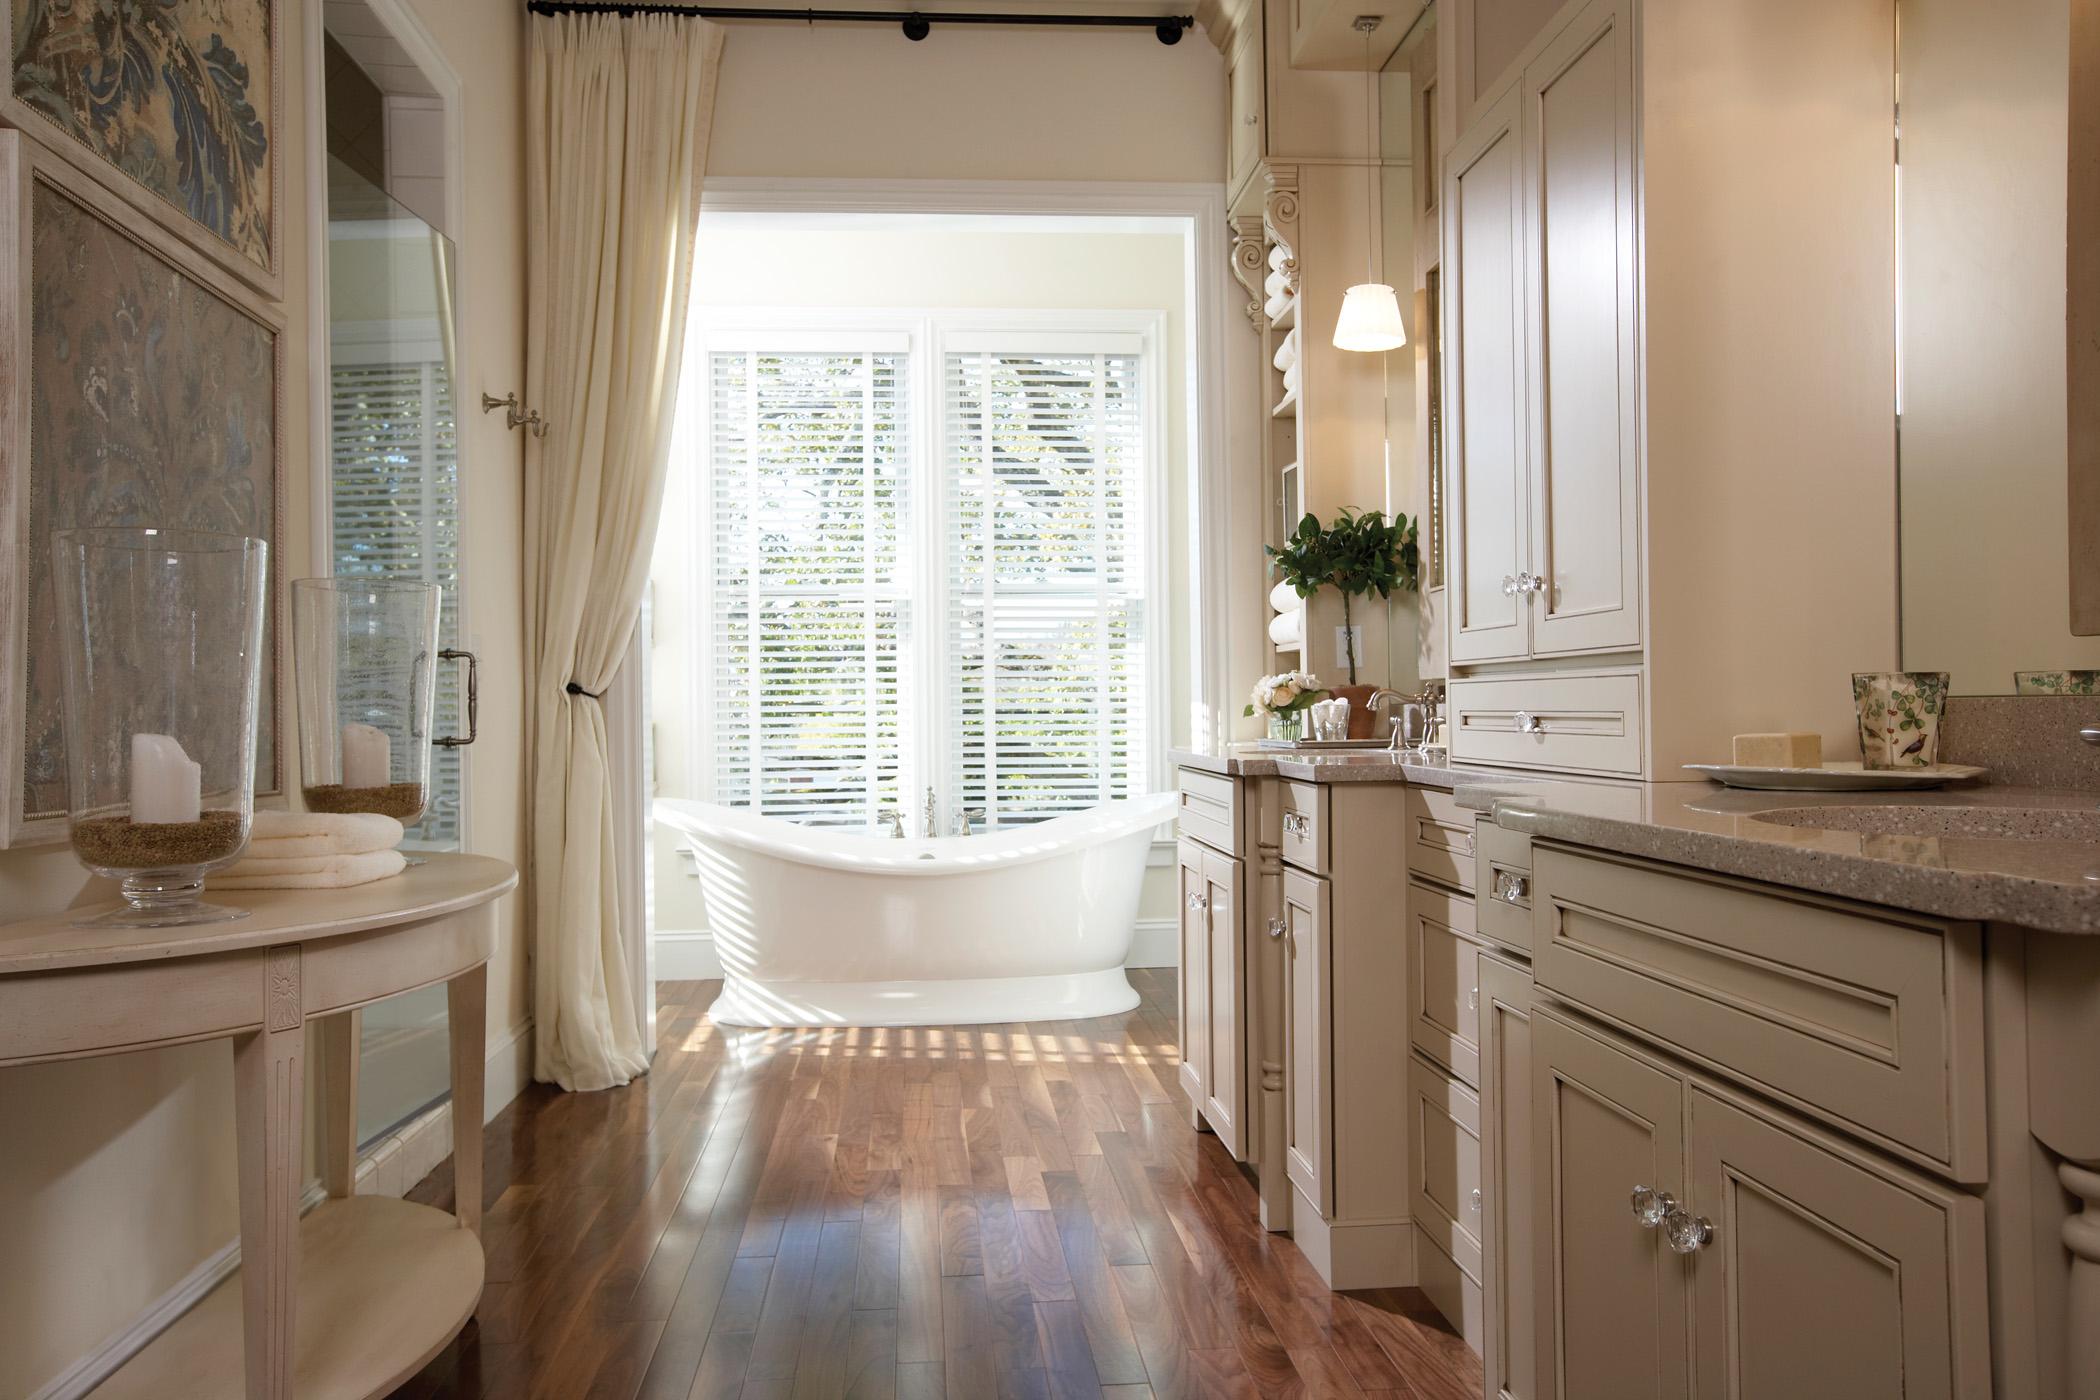 asheville bathroom countertops